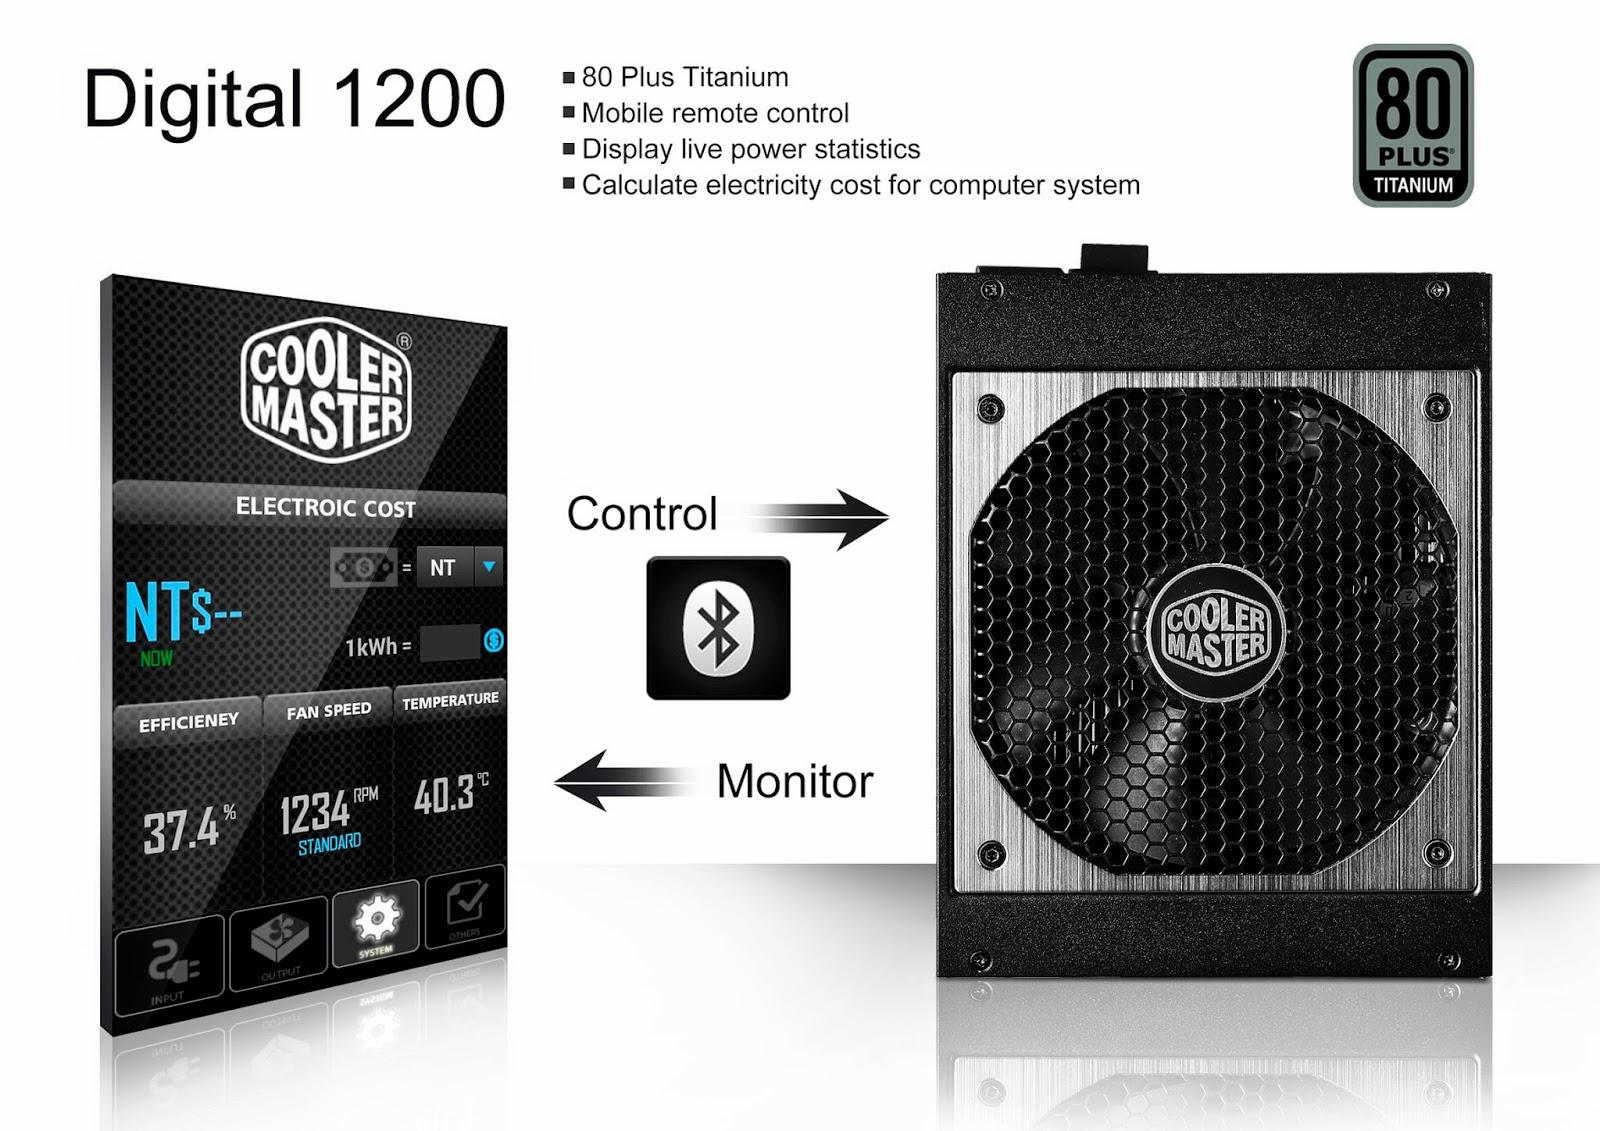 Cooler Master Digital 1200 Titanium PSU Unveiled at Computex VIP Meeting Room 3